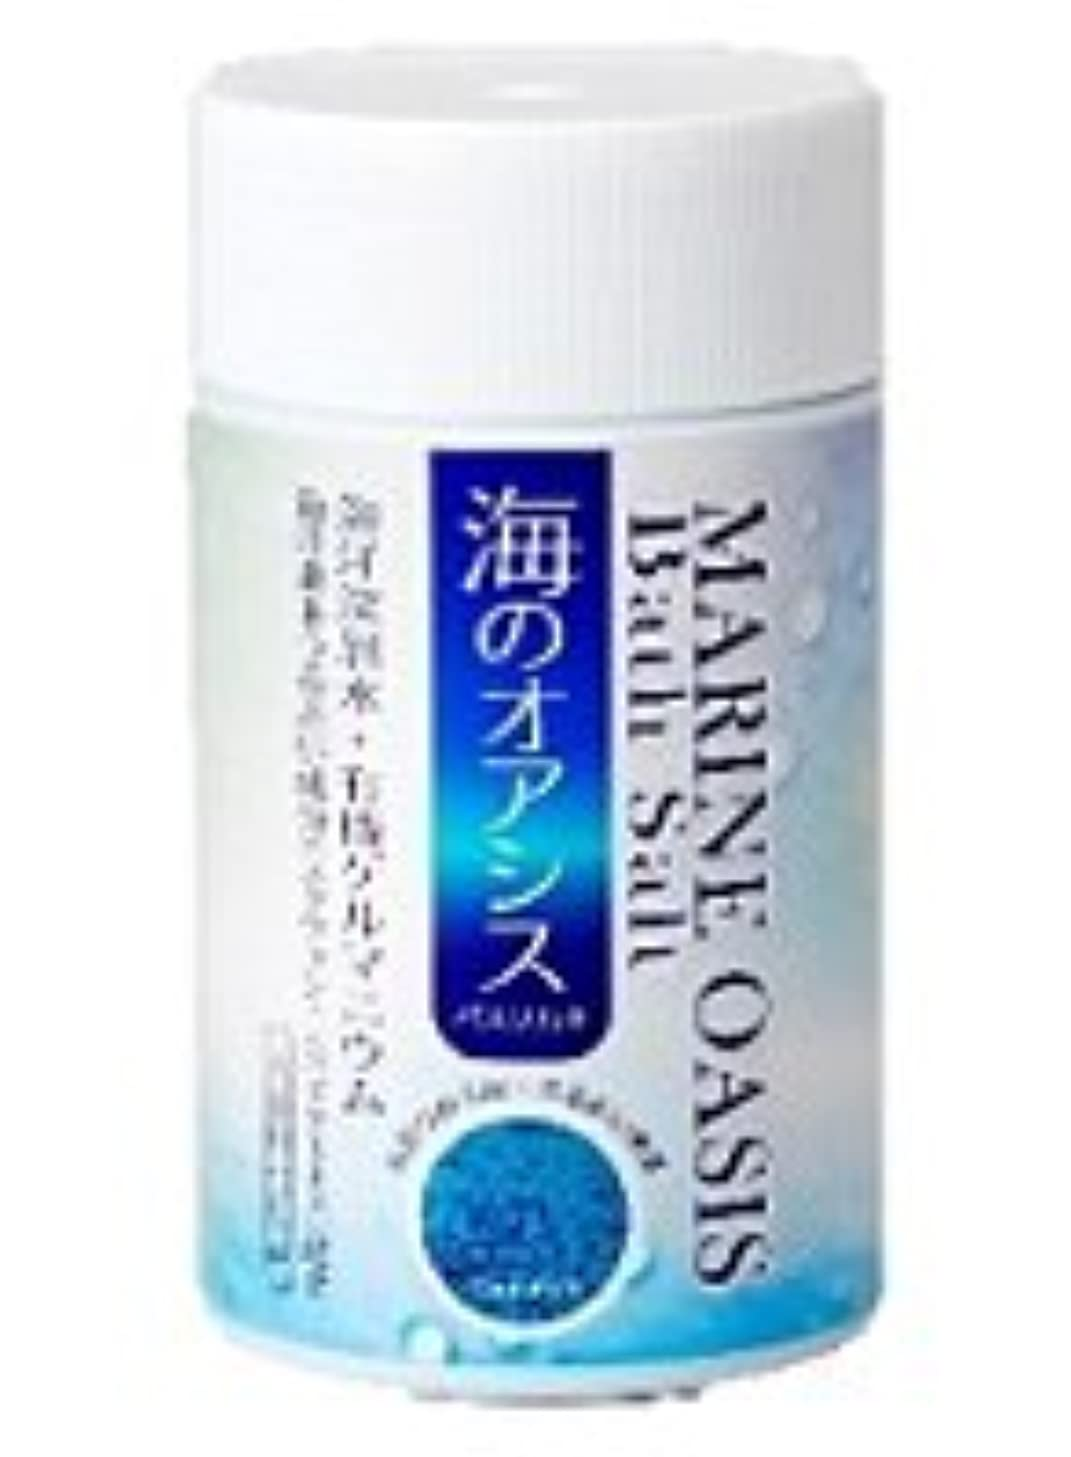 惑星偽物控えめな入浴用化粧品 海のオアシス バスソルト 1020g